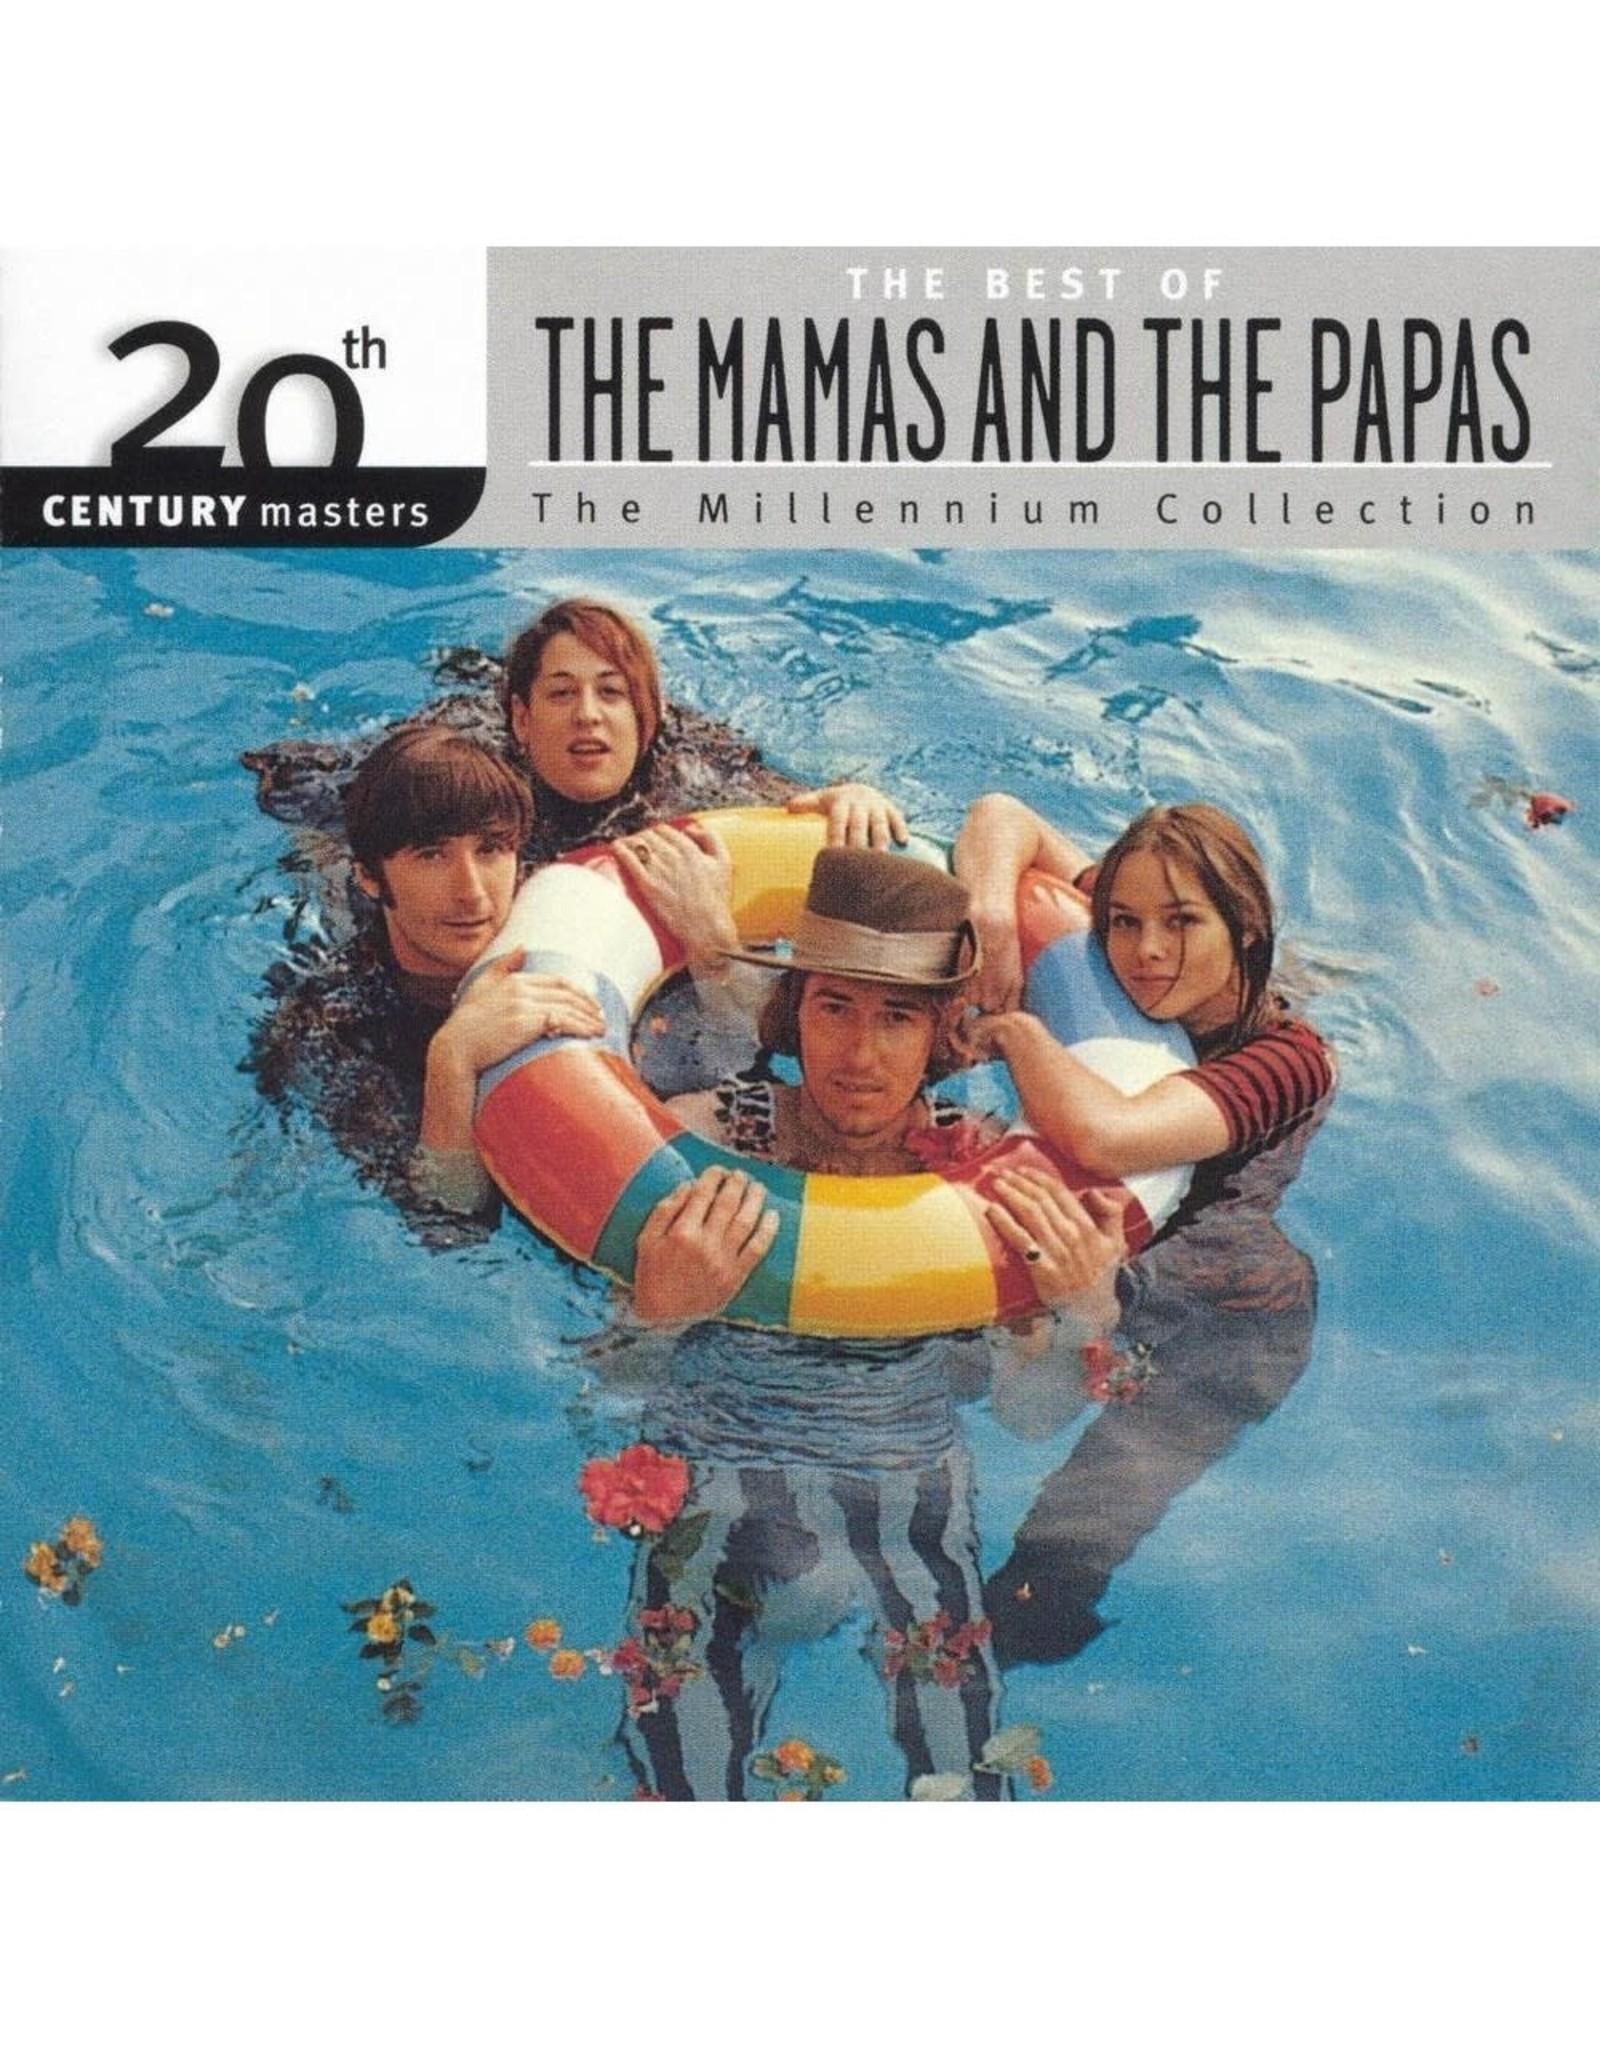 Mamas & Papas - 20th Century Masters CD